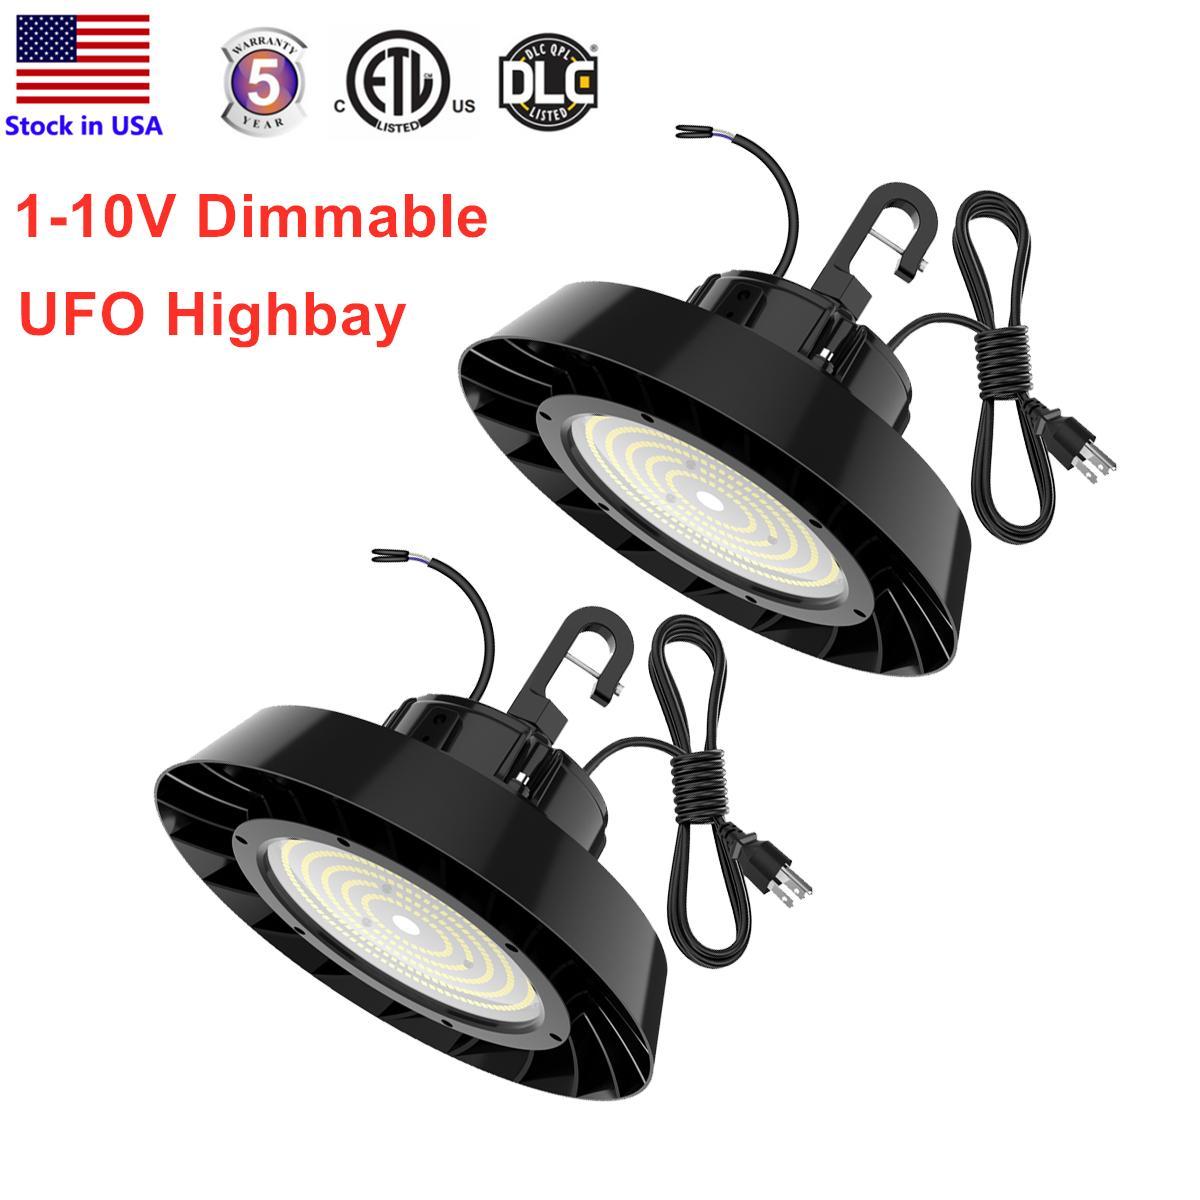 LED العالية خليج ضوء 150W 200W 240W 5000K 1-10V عكس الضوء ETL DLC المعتمدة هوك بقيمة 5 'كابل IP65 للماء ورشة الصناعية